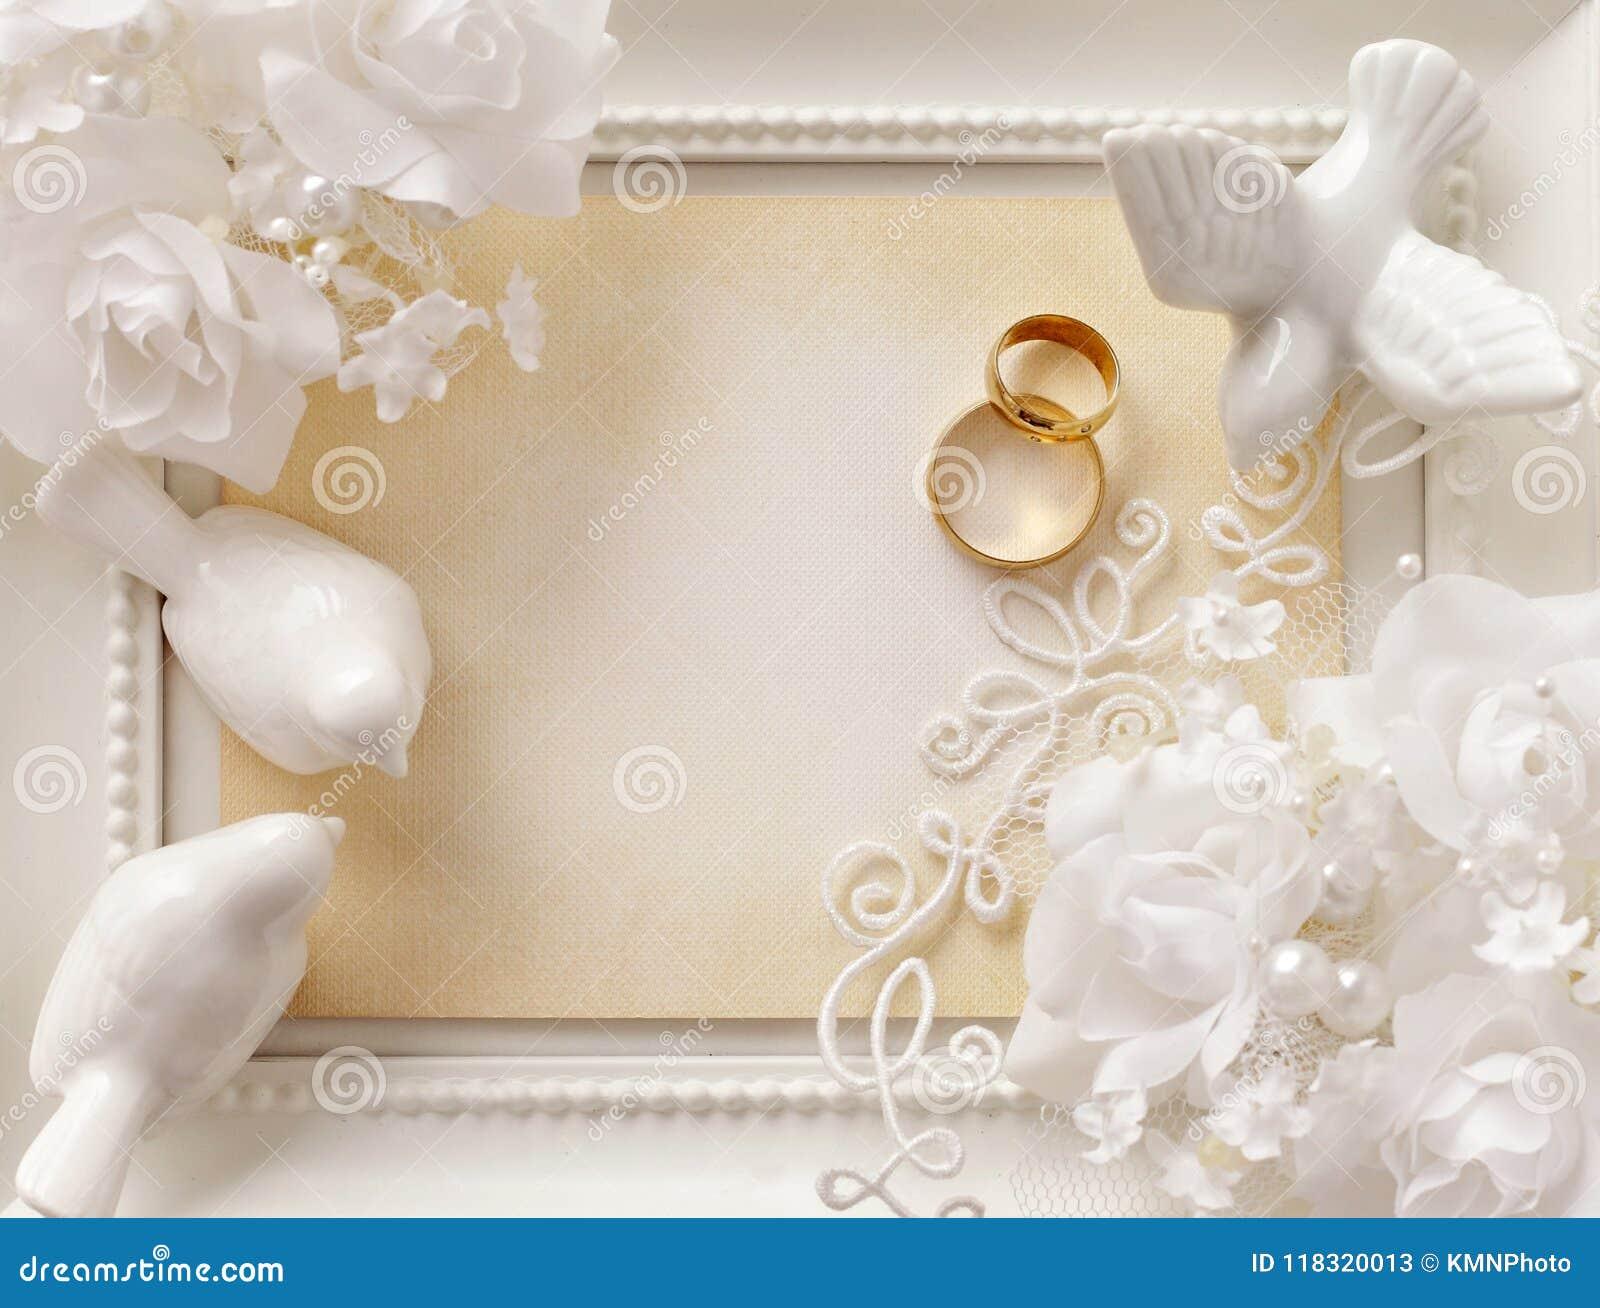 Free Wedding Invitation Background Images: Wedding Background With Empty Photo Frame And Wedding